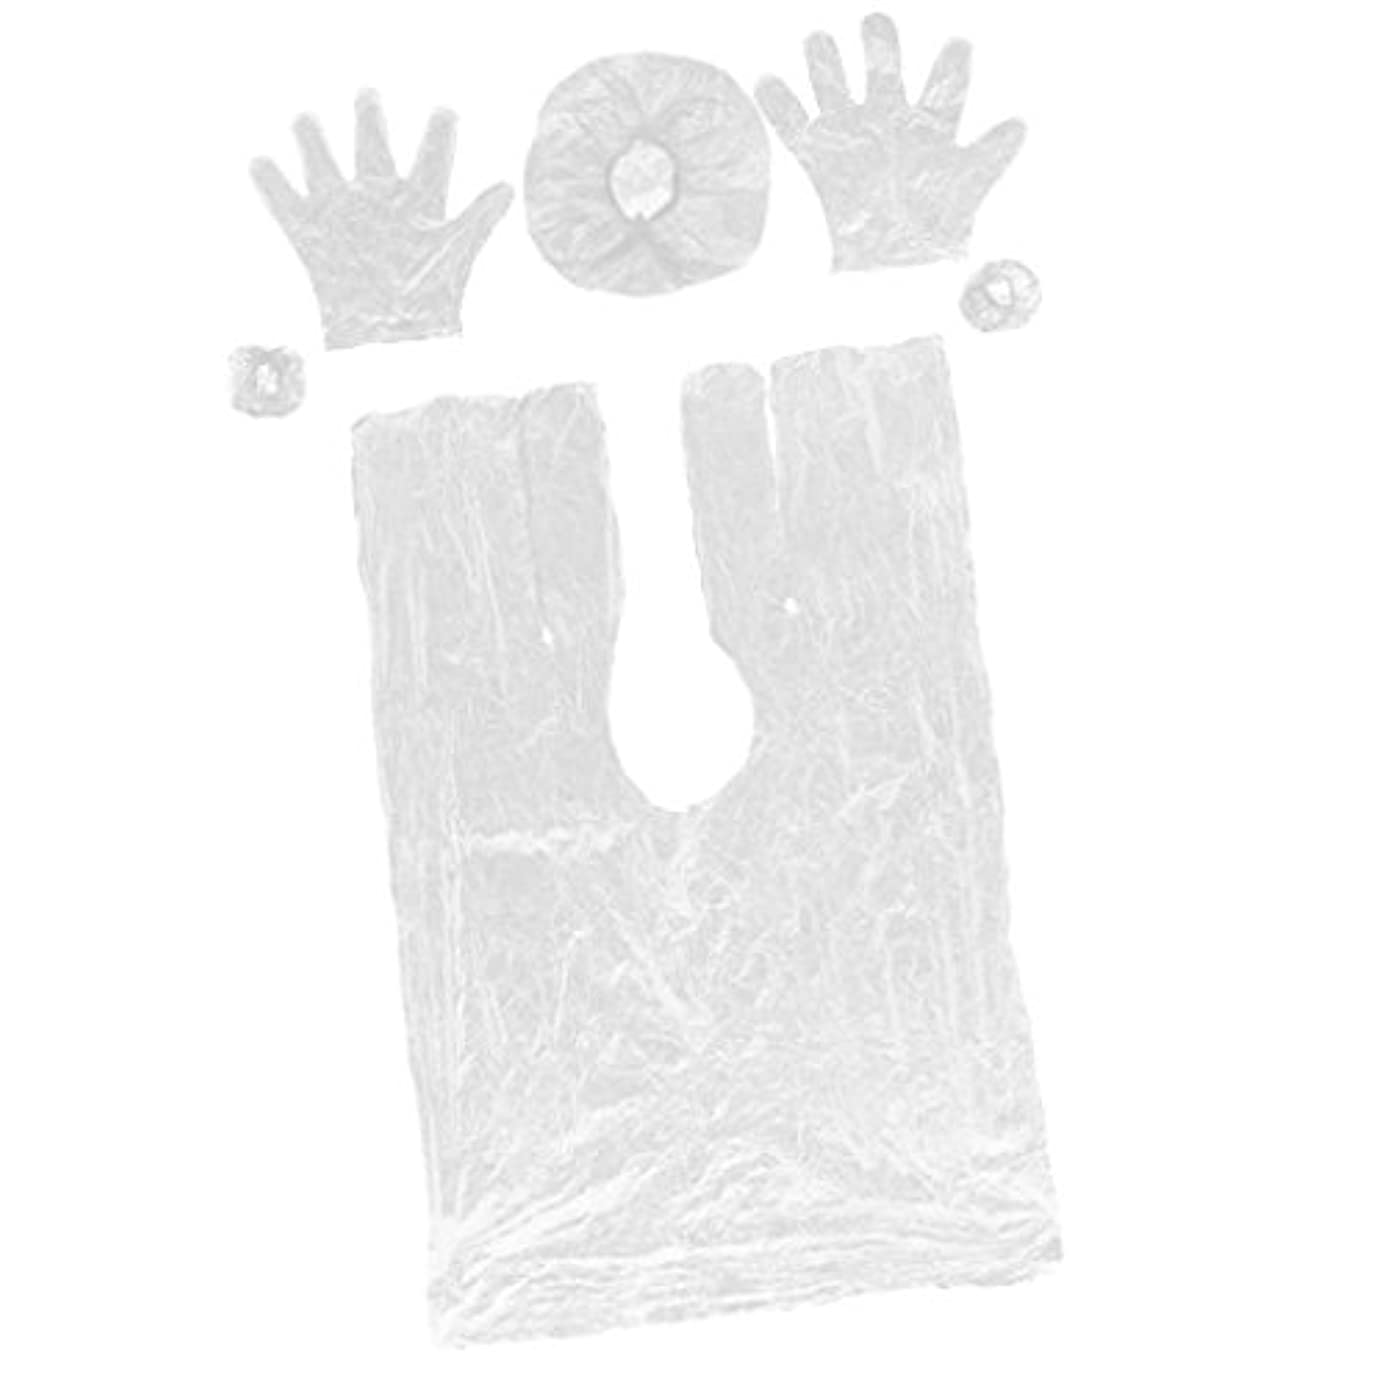 もエトナ山るPerfk 使い捨て ヘアケア サロン プロ 自宅用 弾性キャップ サロンケープ  手袋 耳栓 プラスチック製